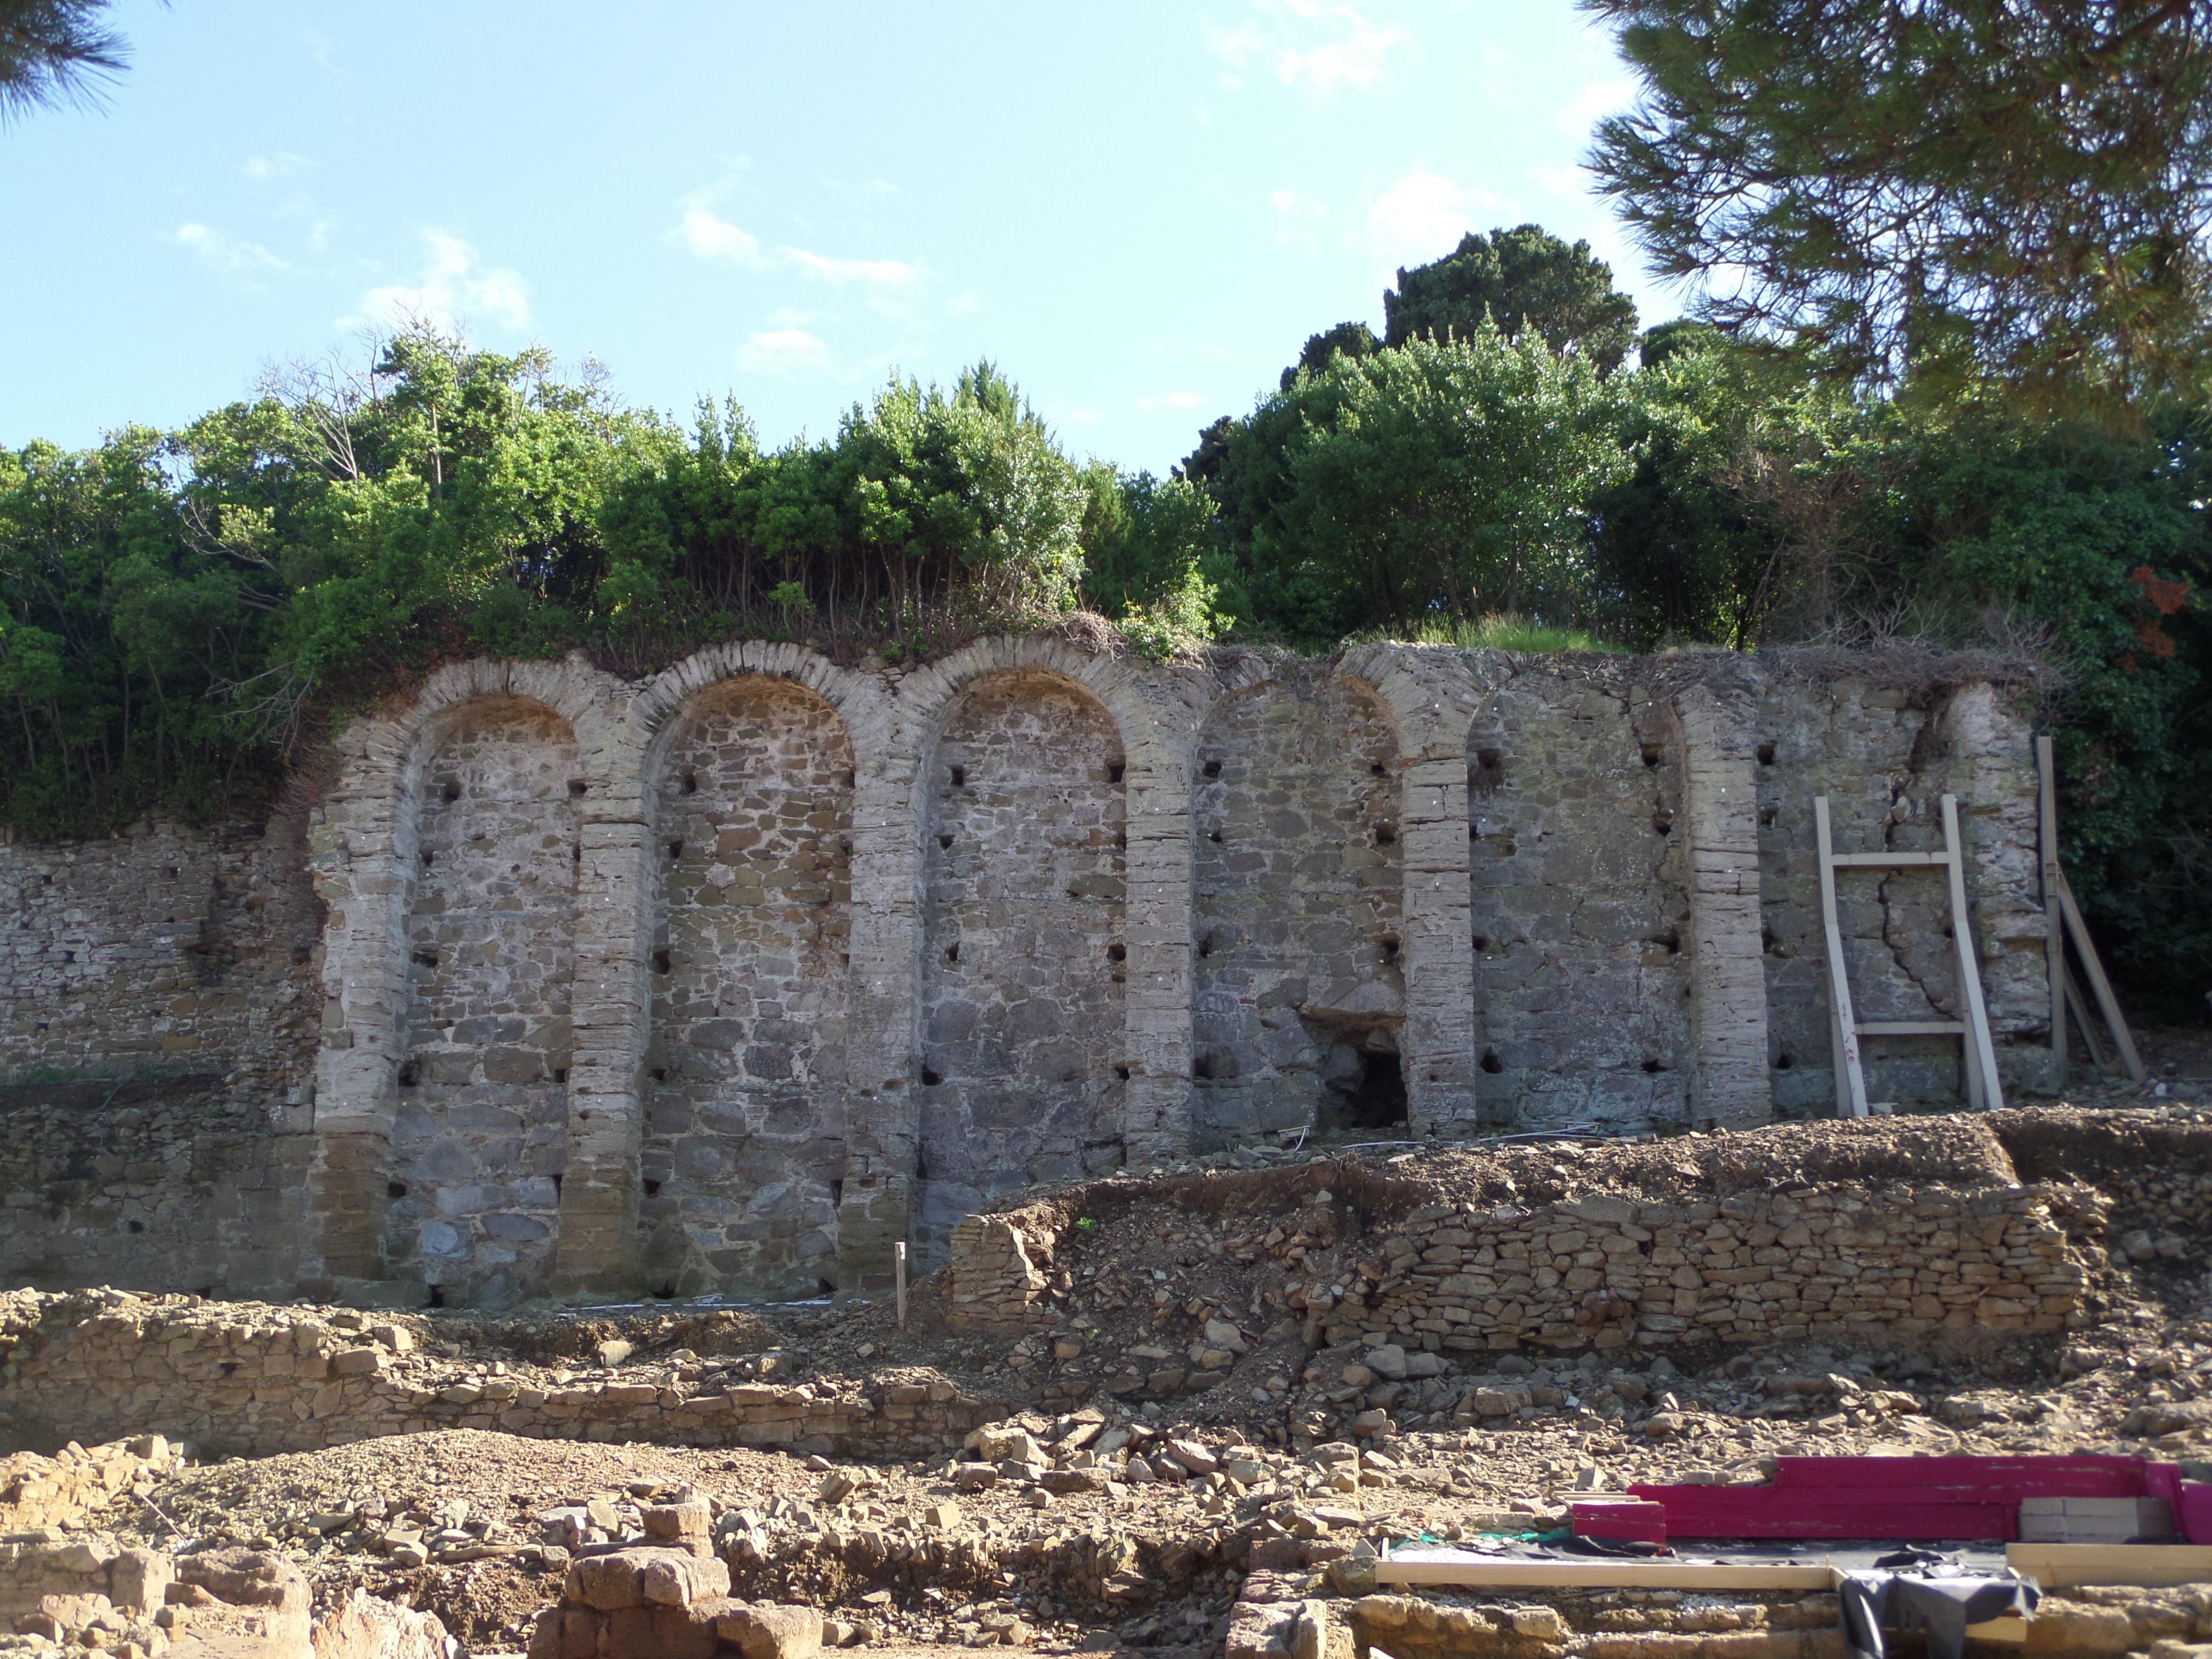 Parco Archeologico di Baratti e Populonia con i resti delle grandi e possenti mura della città etrusca di Populonia